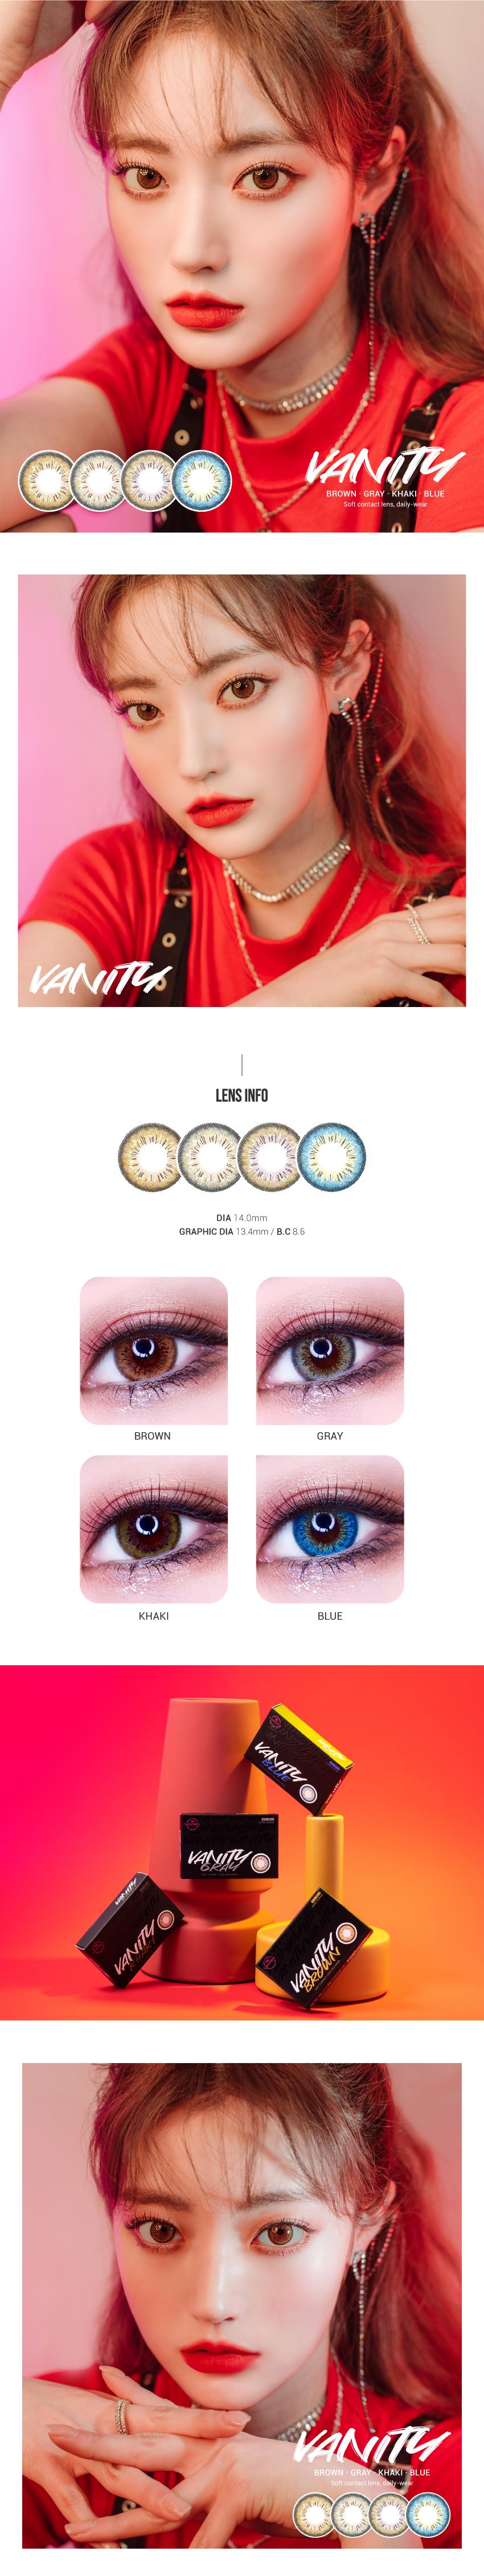 vanity-khaki-circle-lenses-11.jpg